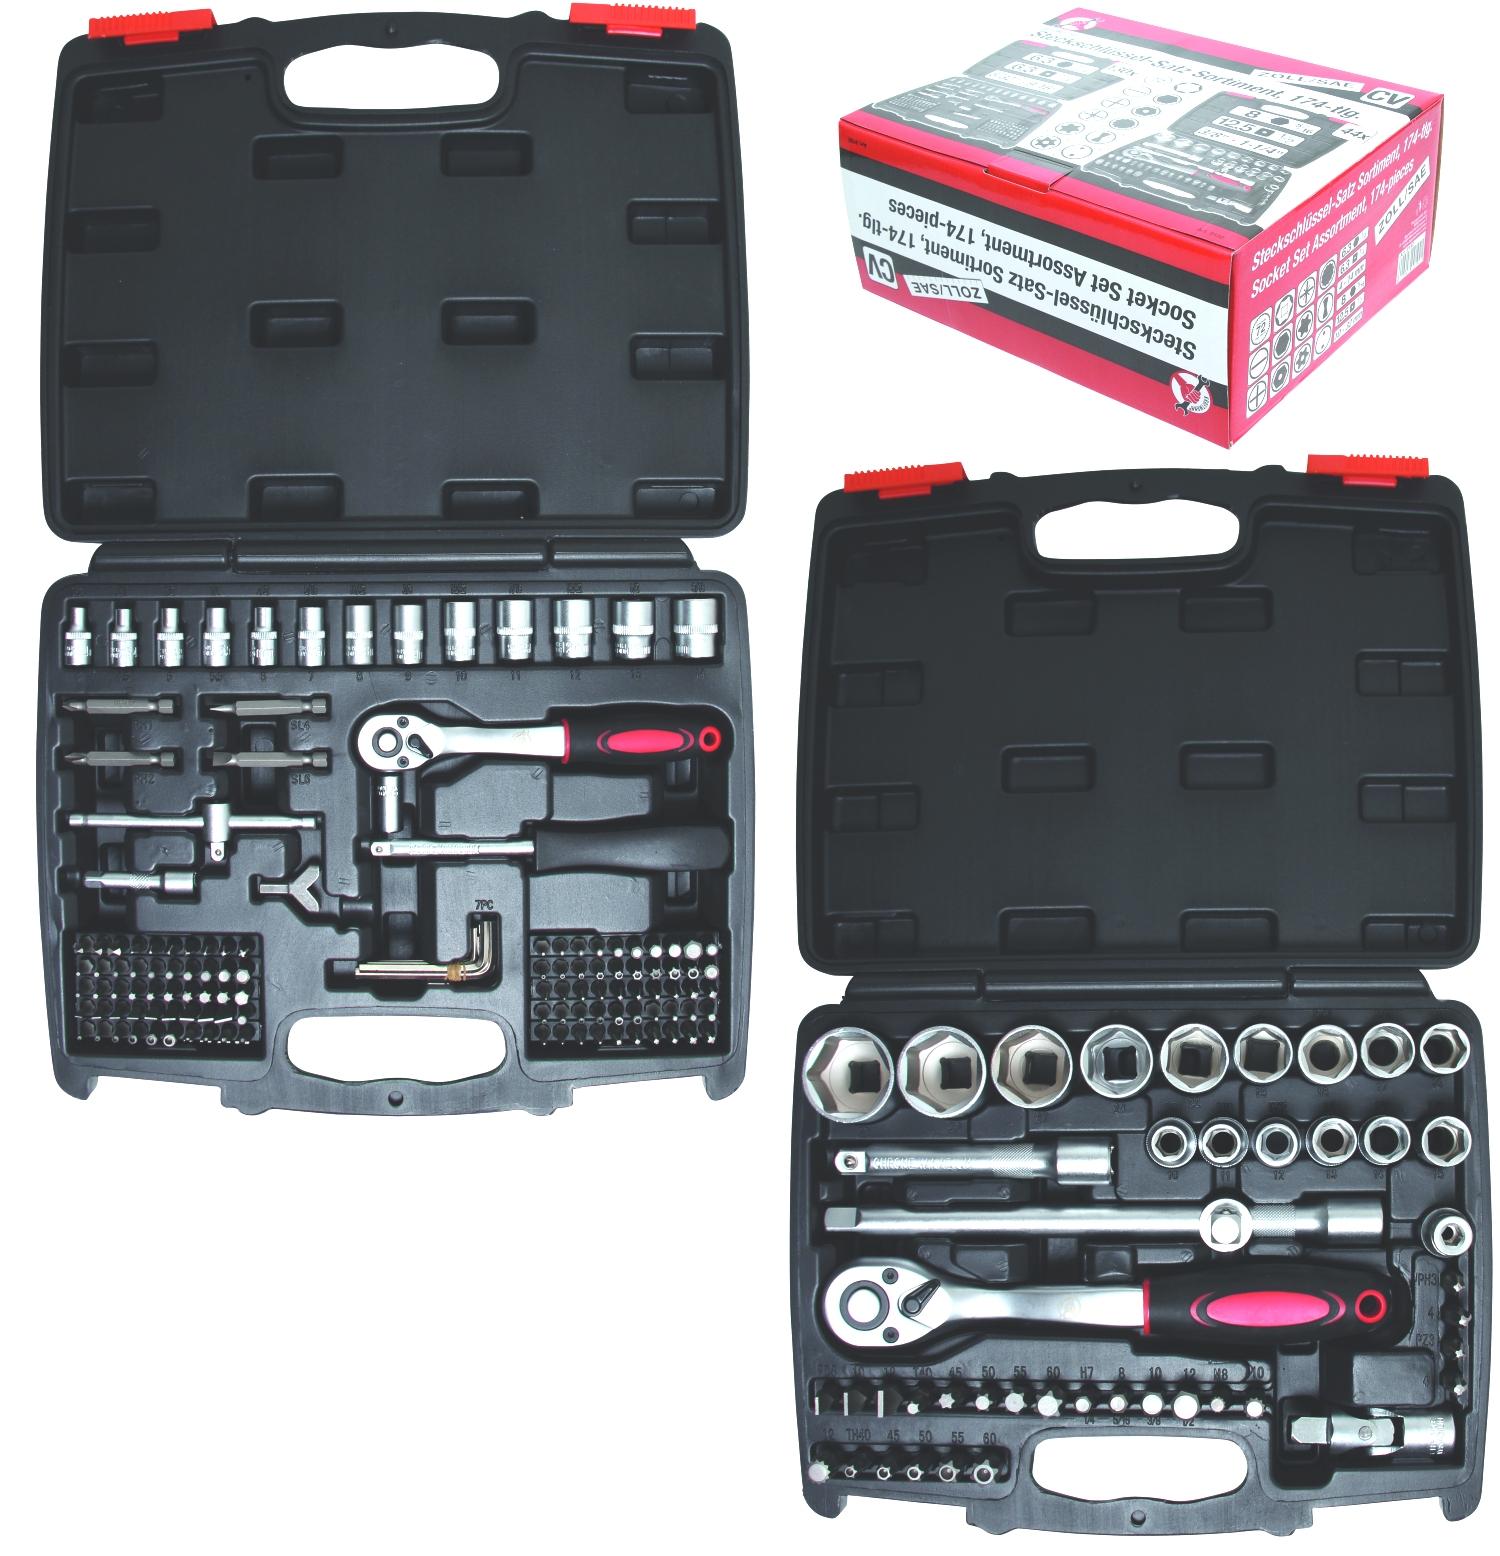 Torx Bit T30 Schrauben Werkzeug Nuss Steckschlüssel 3//8 Zoll 10 mm Sechskant BGS